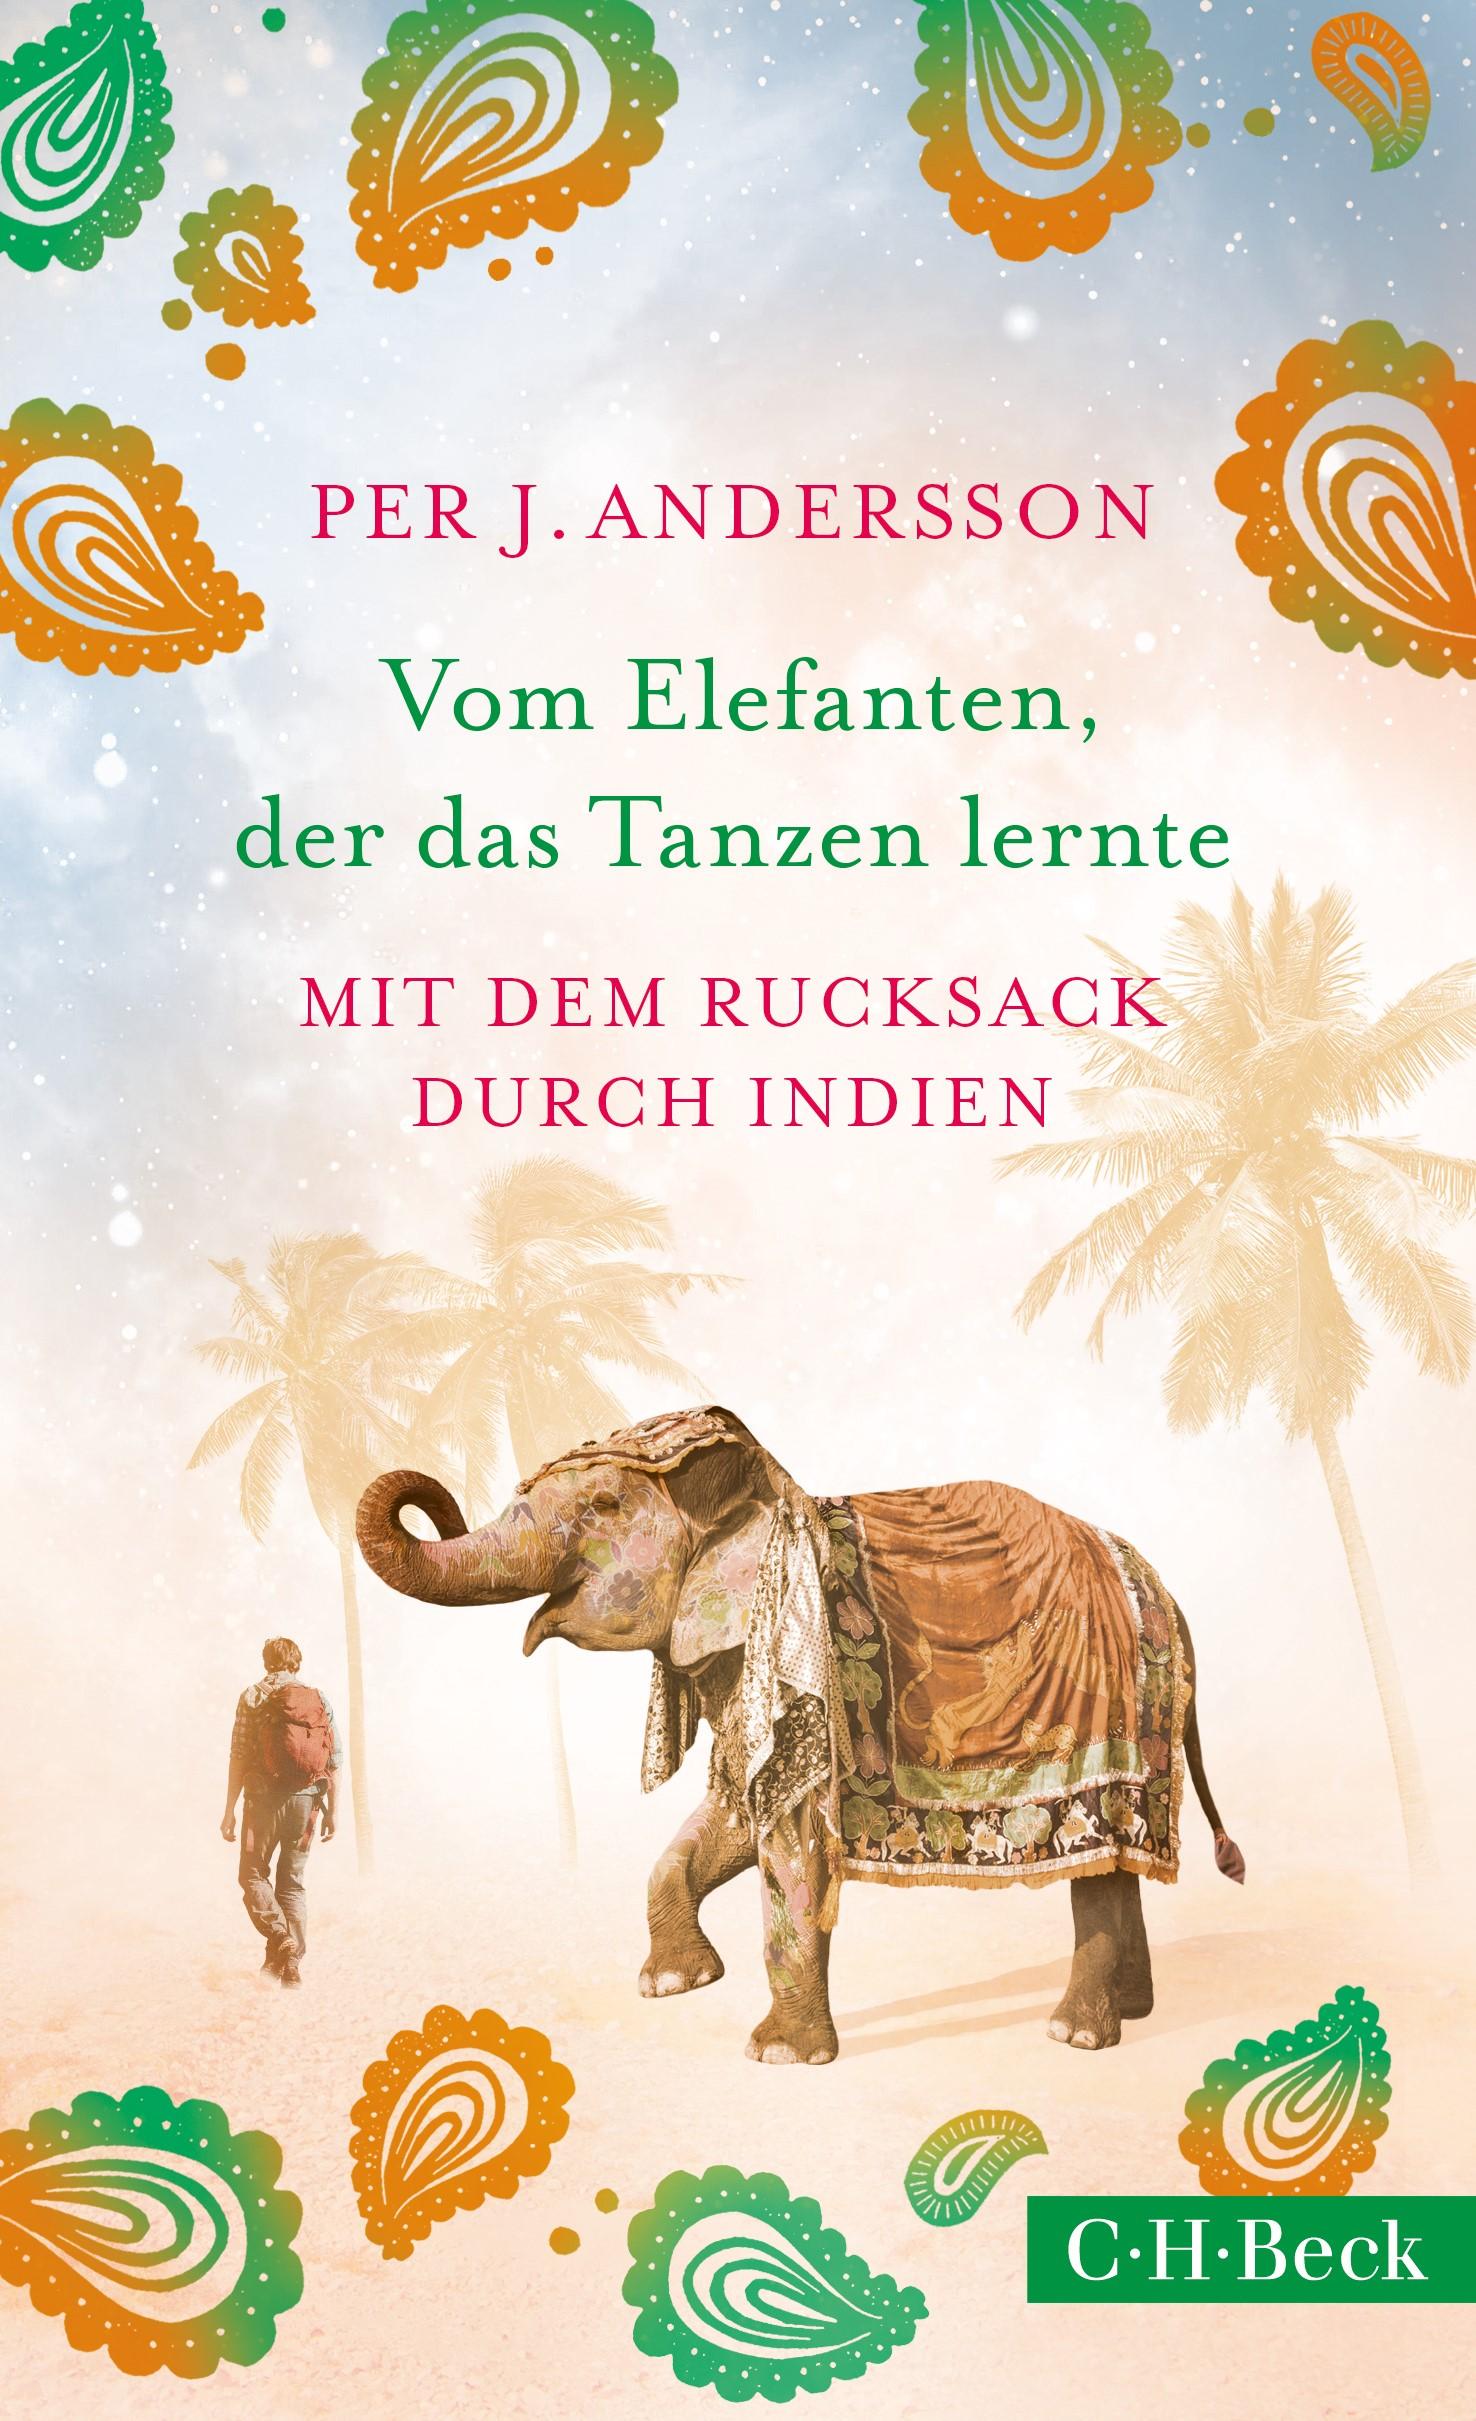 Abbildung von Andersson, Per J. | Vom Elefanten, der das Tanzen lernte | 2019